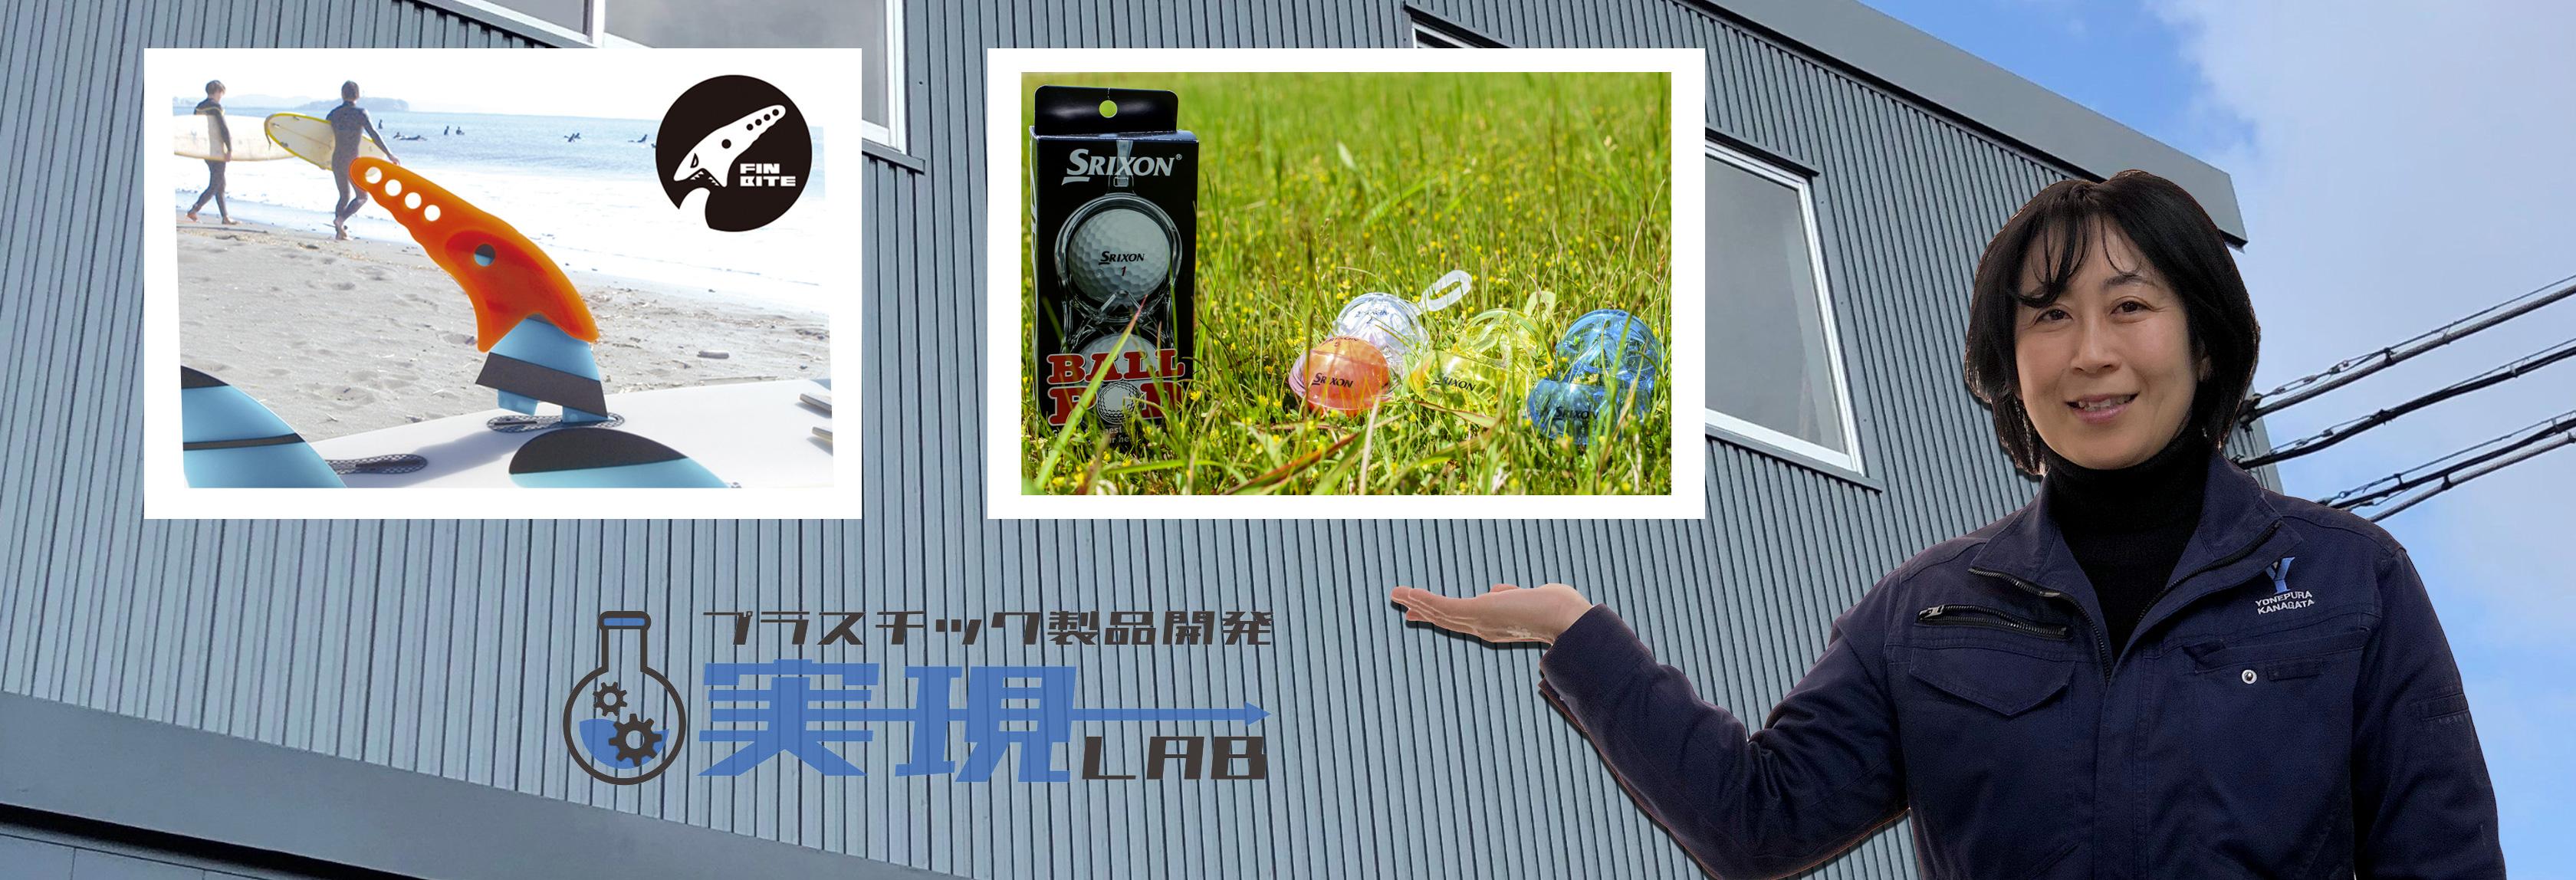 |【公式】ヨネプラ金型|実現ラボ|小ロットのプラスチック製品・樹脂の新商品開発が得意な樹脂金型屋です